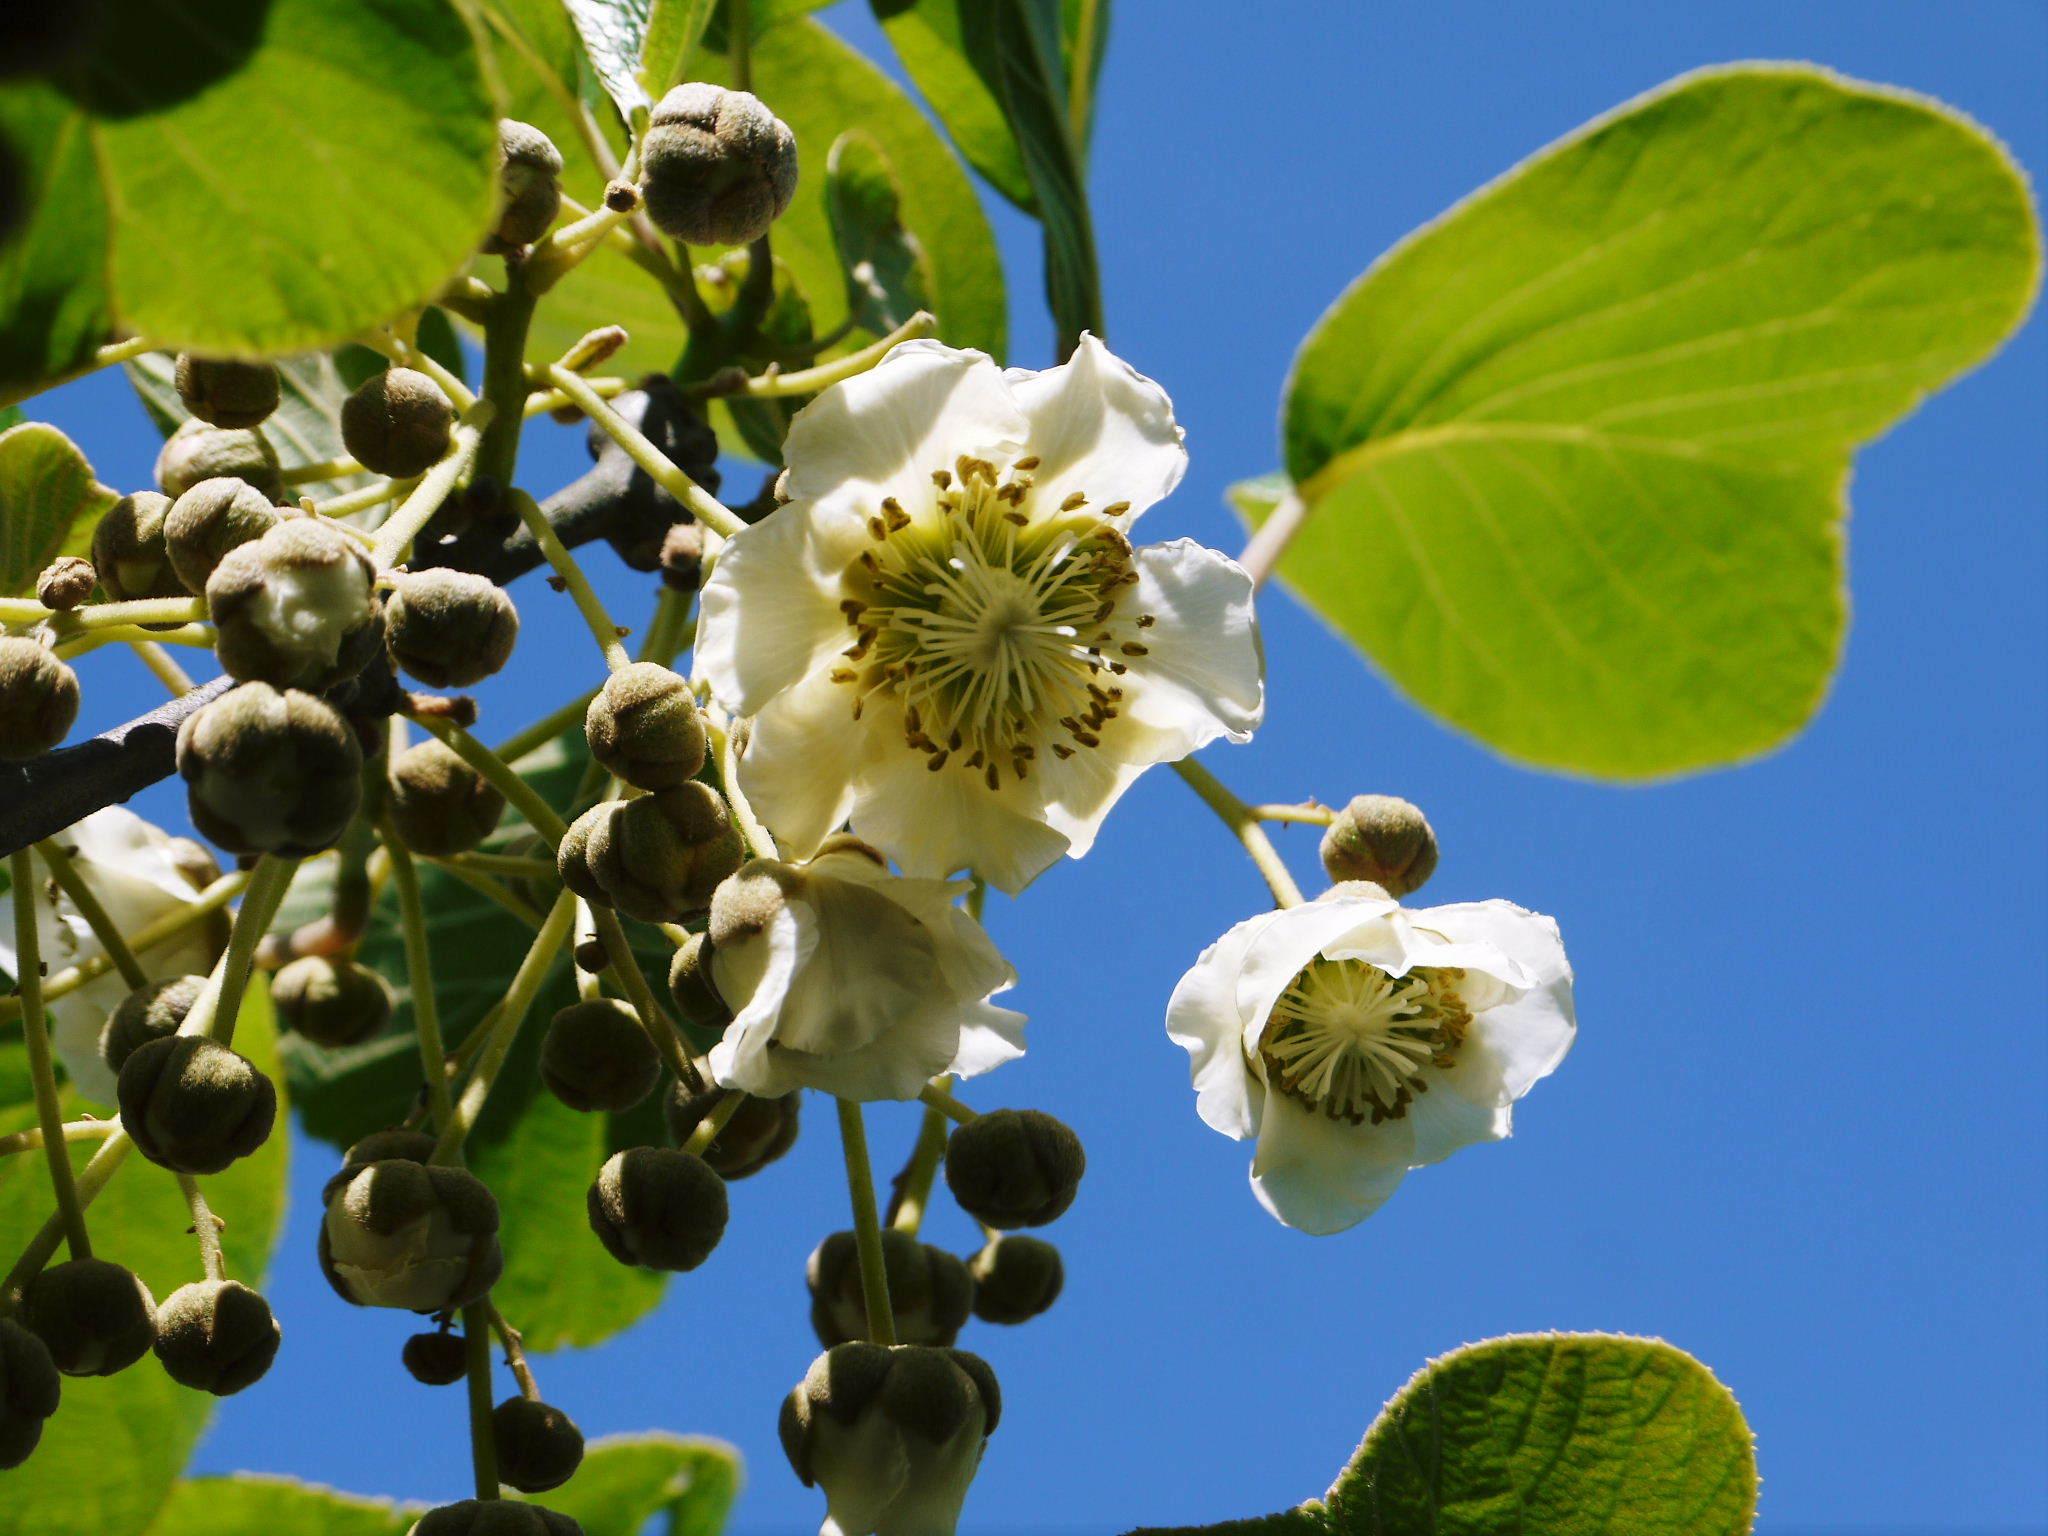 水源キウイ 2020年年も元気に開花しました!今年も完全無農薬・無化学肥料で育てます!!_a0254656_20002801.jpg